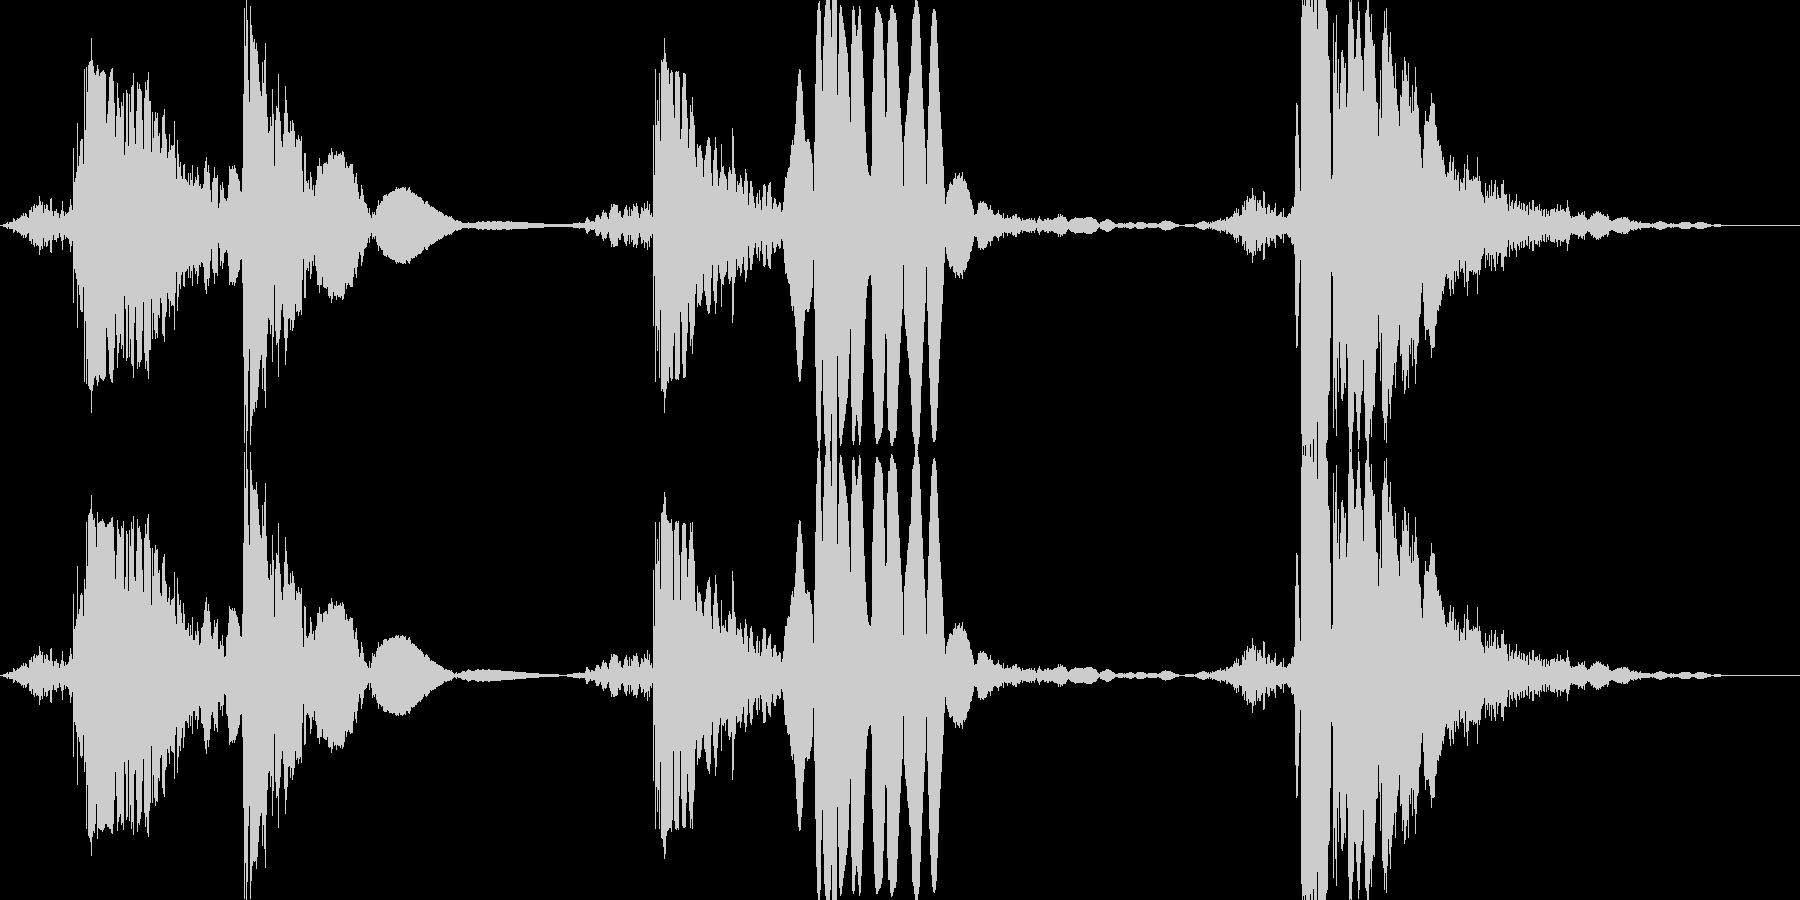 打撃 パンチ&キックの5ヒットコンボの未再生の波形